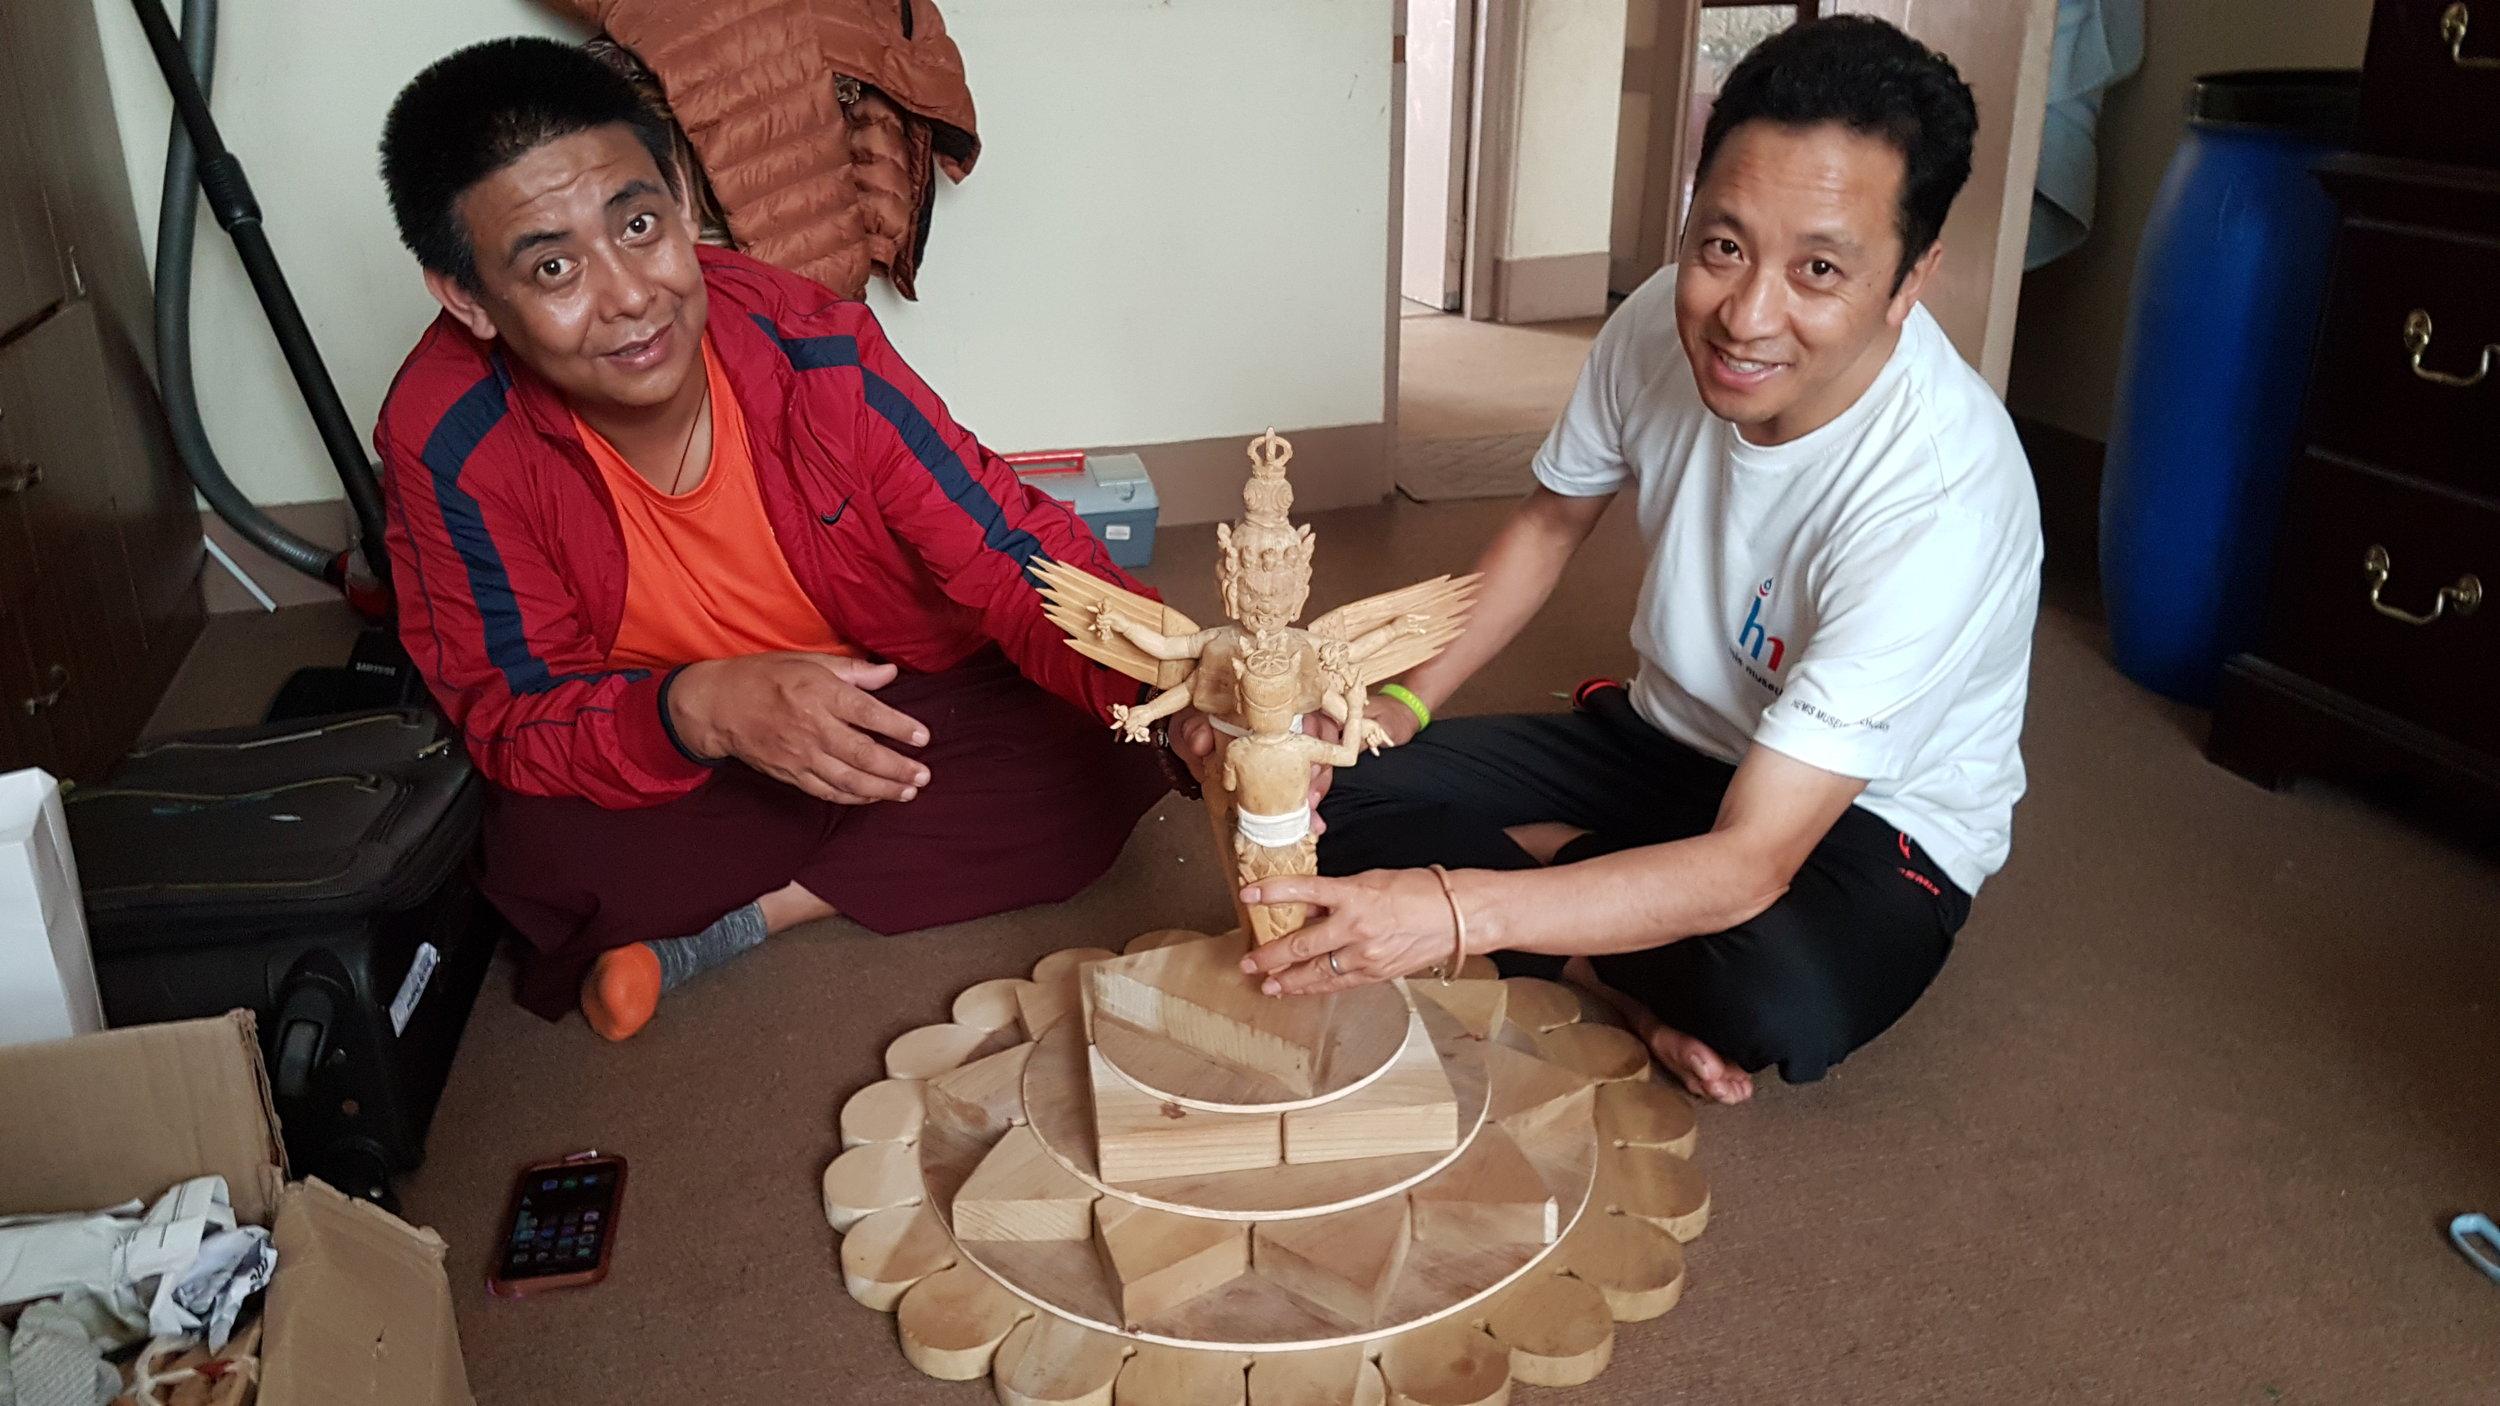 Copy of Lama Pema Thobchen and Amchi Sherab